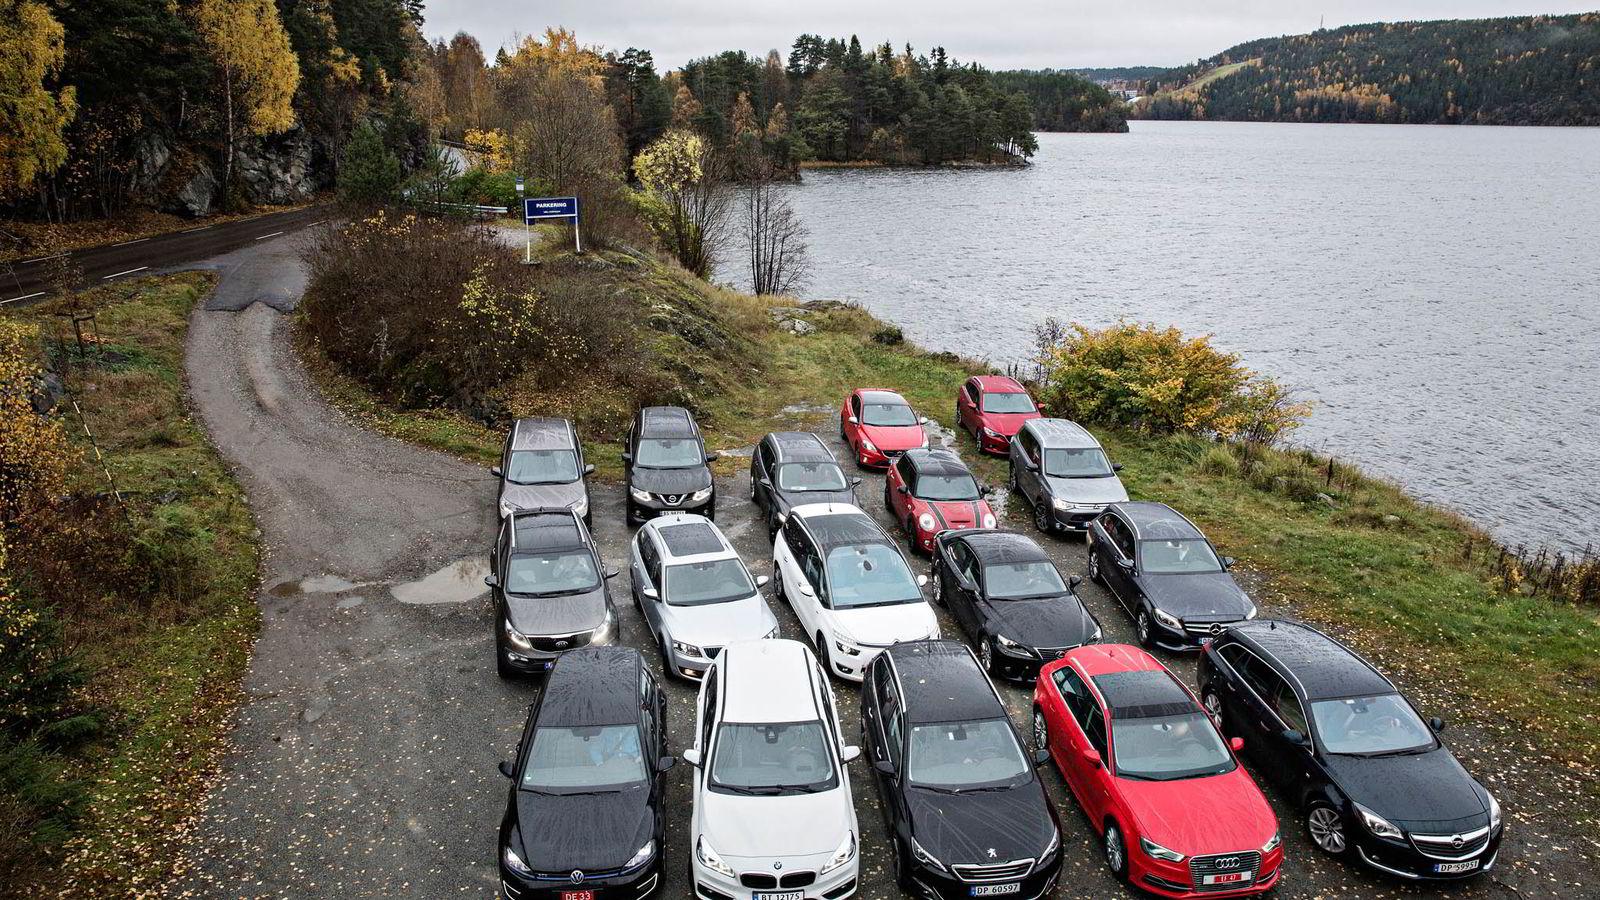 Med hele 17 konkurrerende biler, ble det ny deltagerrekord for Firmabiltesten i 2014.               Foto: Aleksander Nordahl